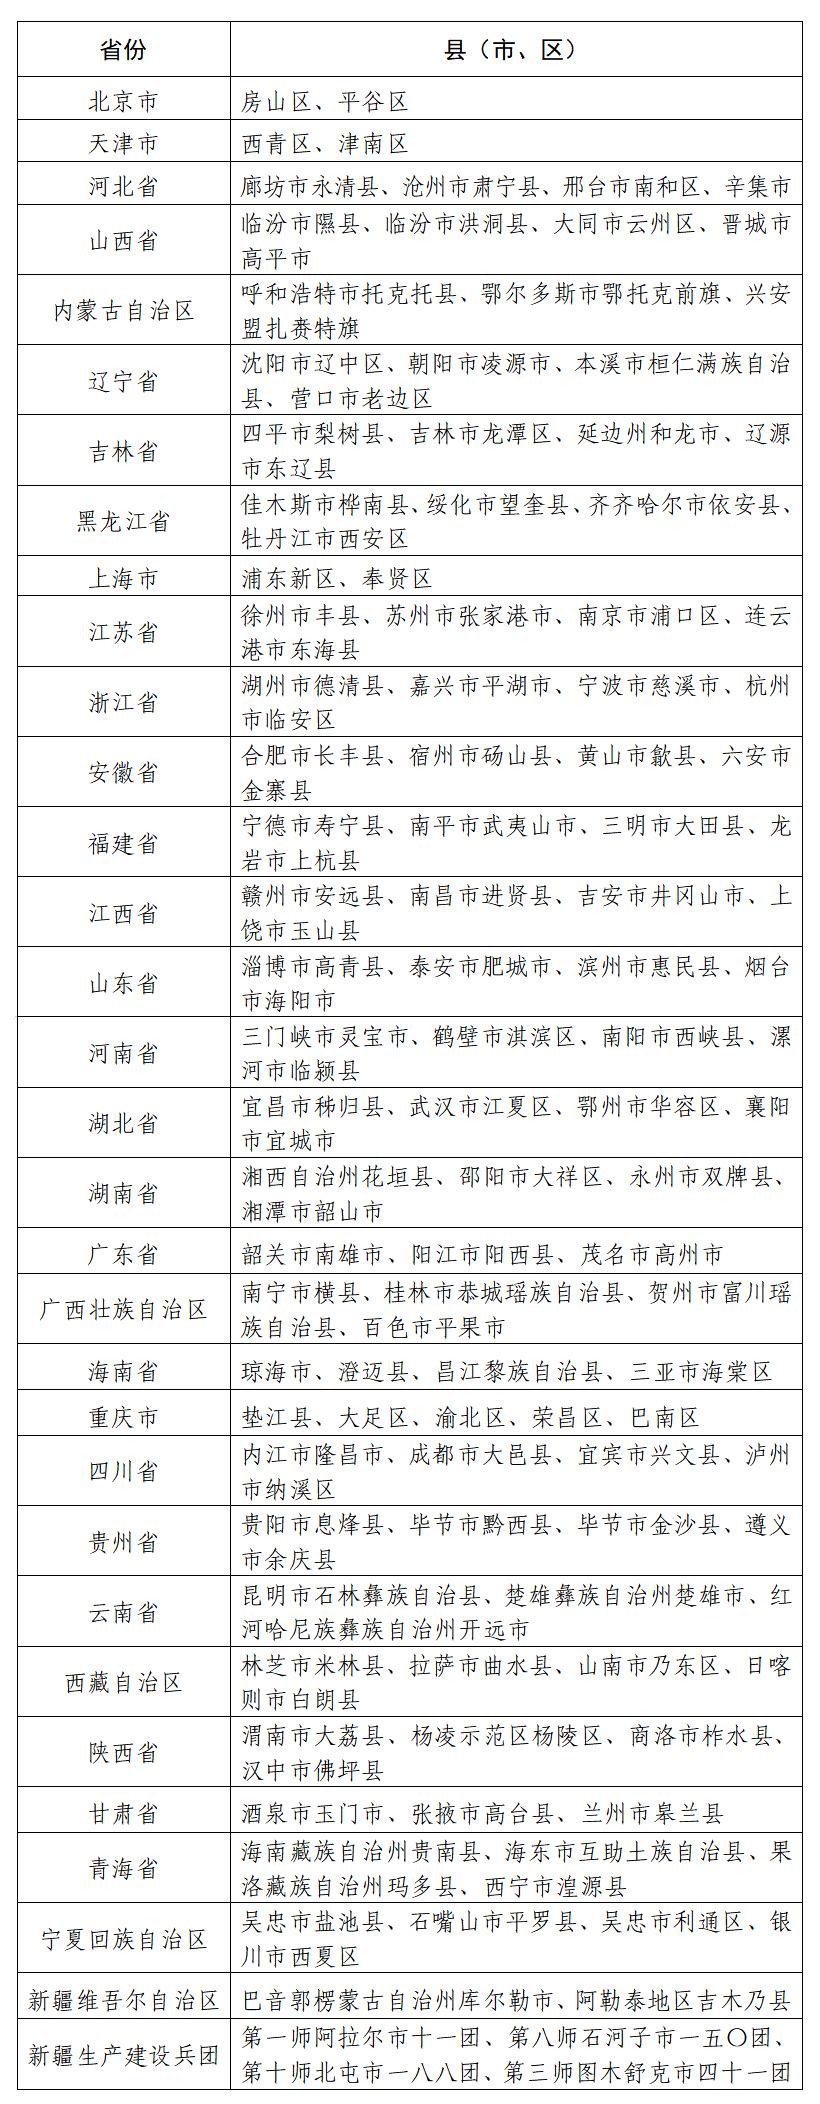 山东省四个县市列入国家数字乡村试点地区名单